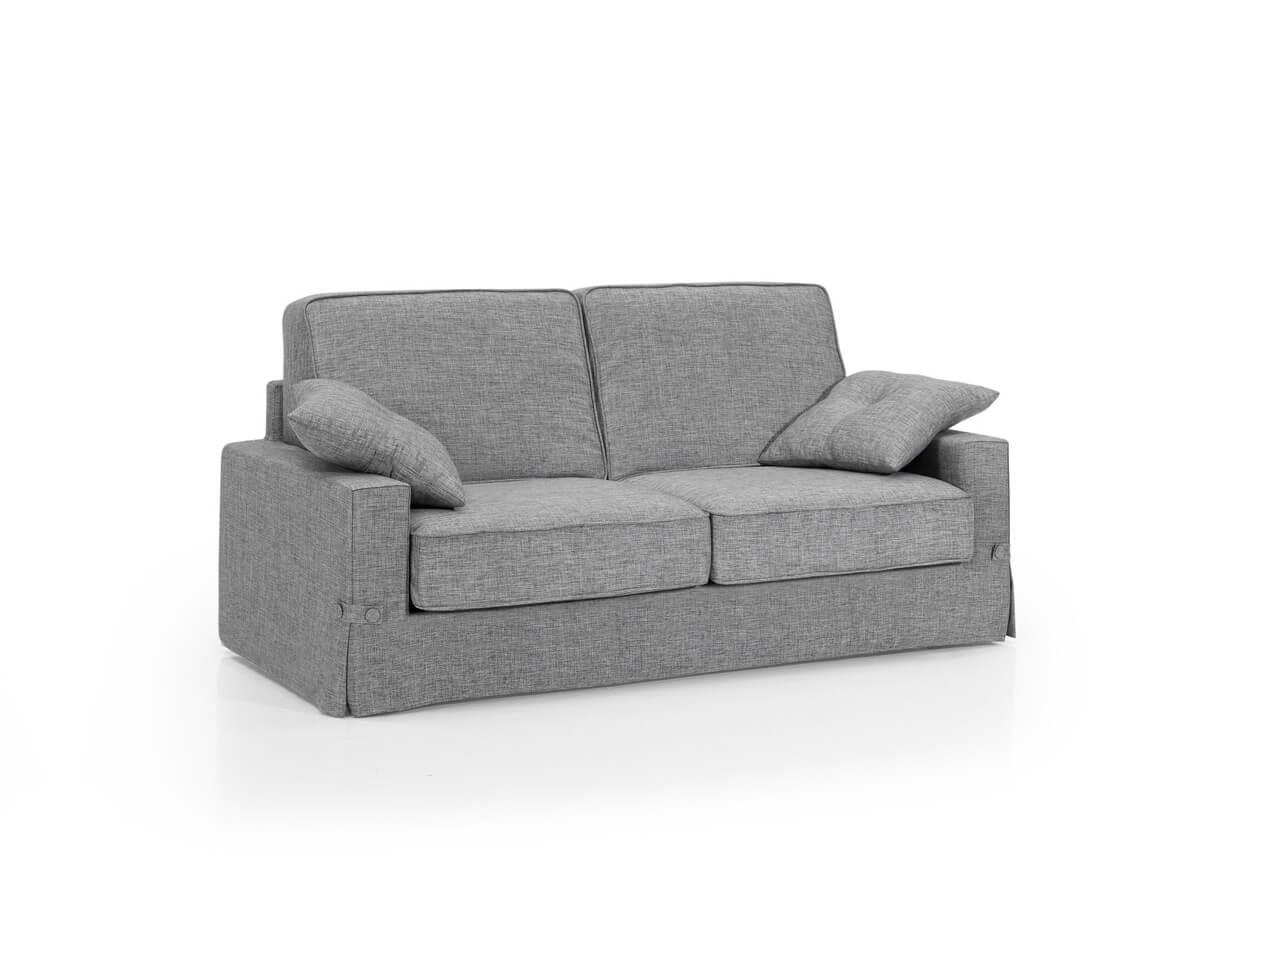 comprar sofa online artesanal de calidad y dise o la